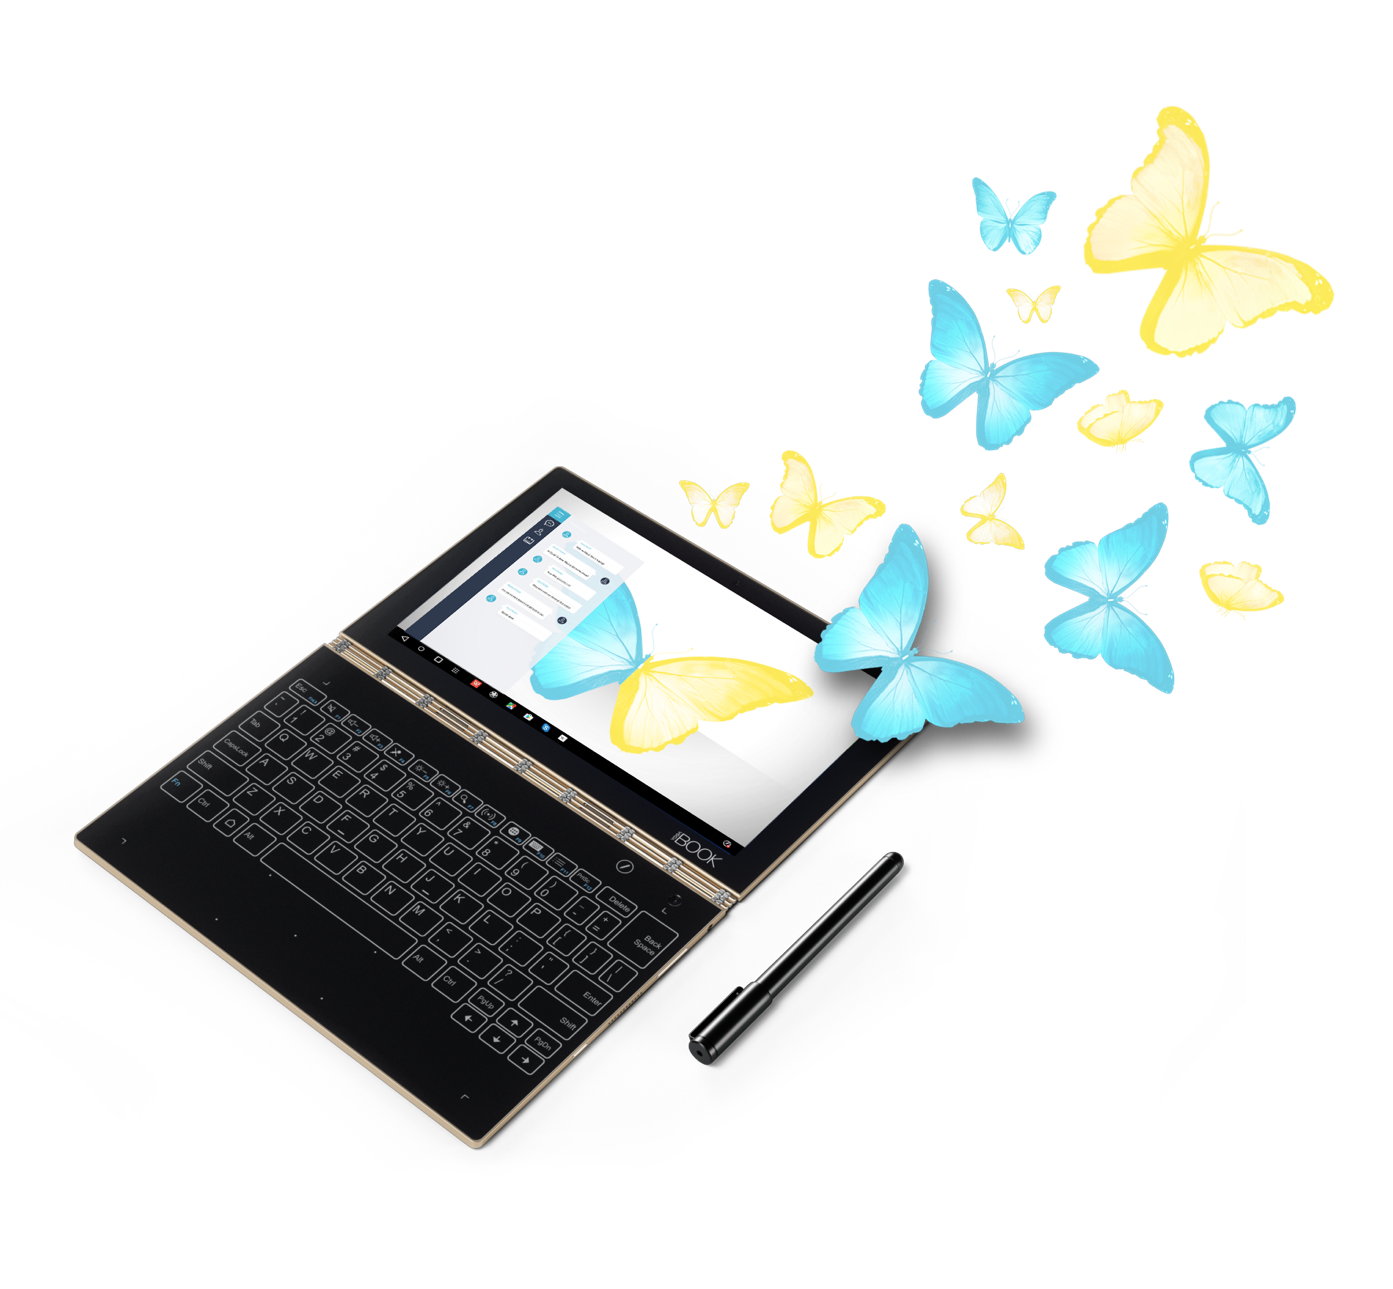 Yoga Book: эффект ореола на клавиатурах нового поколения - 4